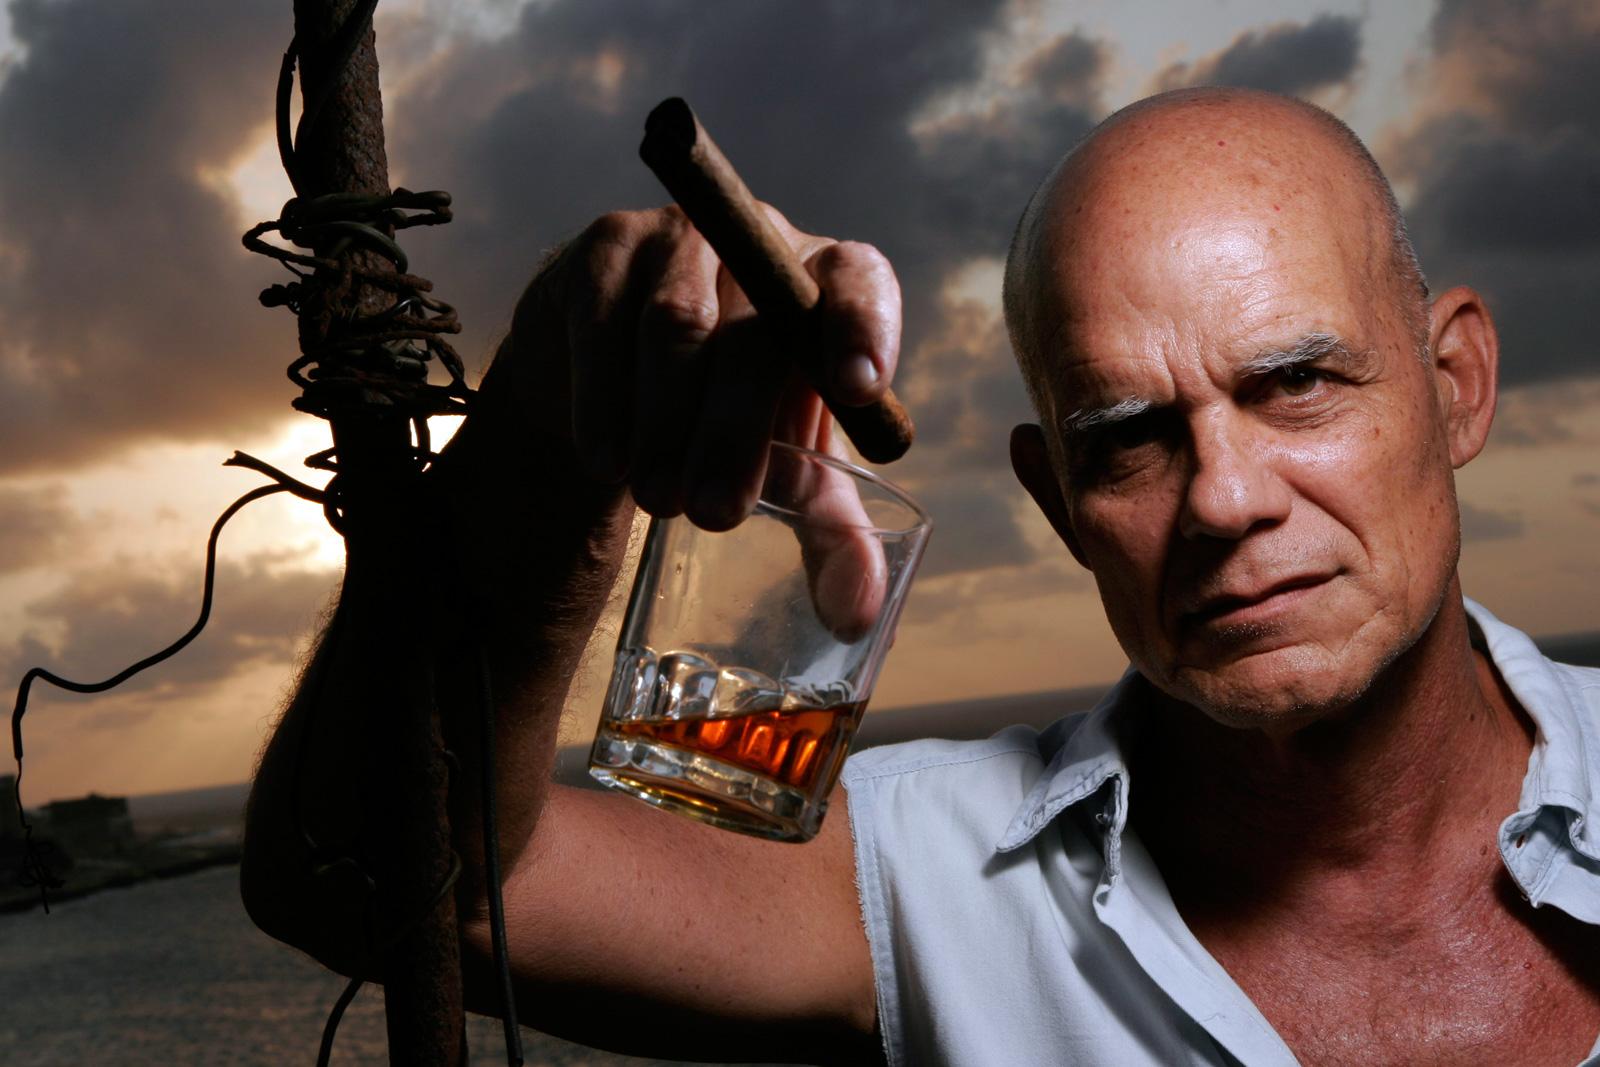 Las historias de del escritor cubano Pedro Juan Gutiérrez son protagonizadas por seres a la deriva.